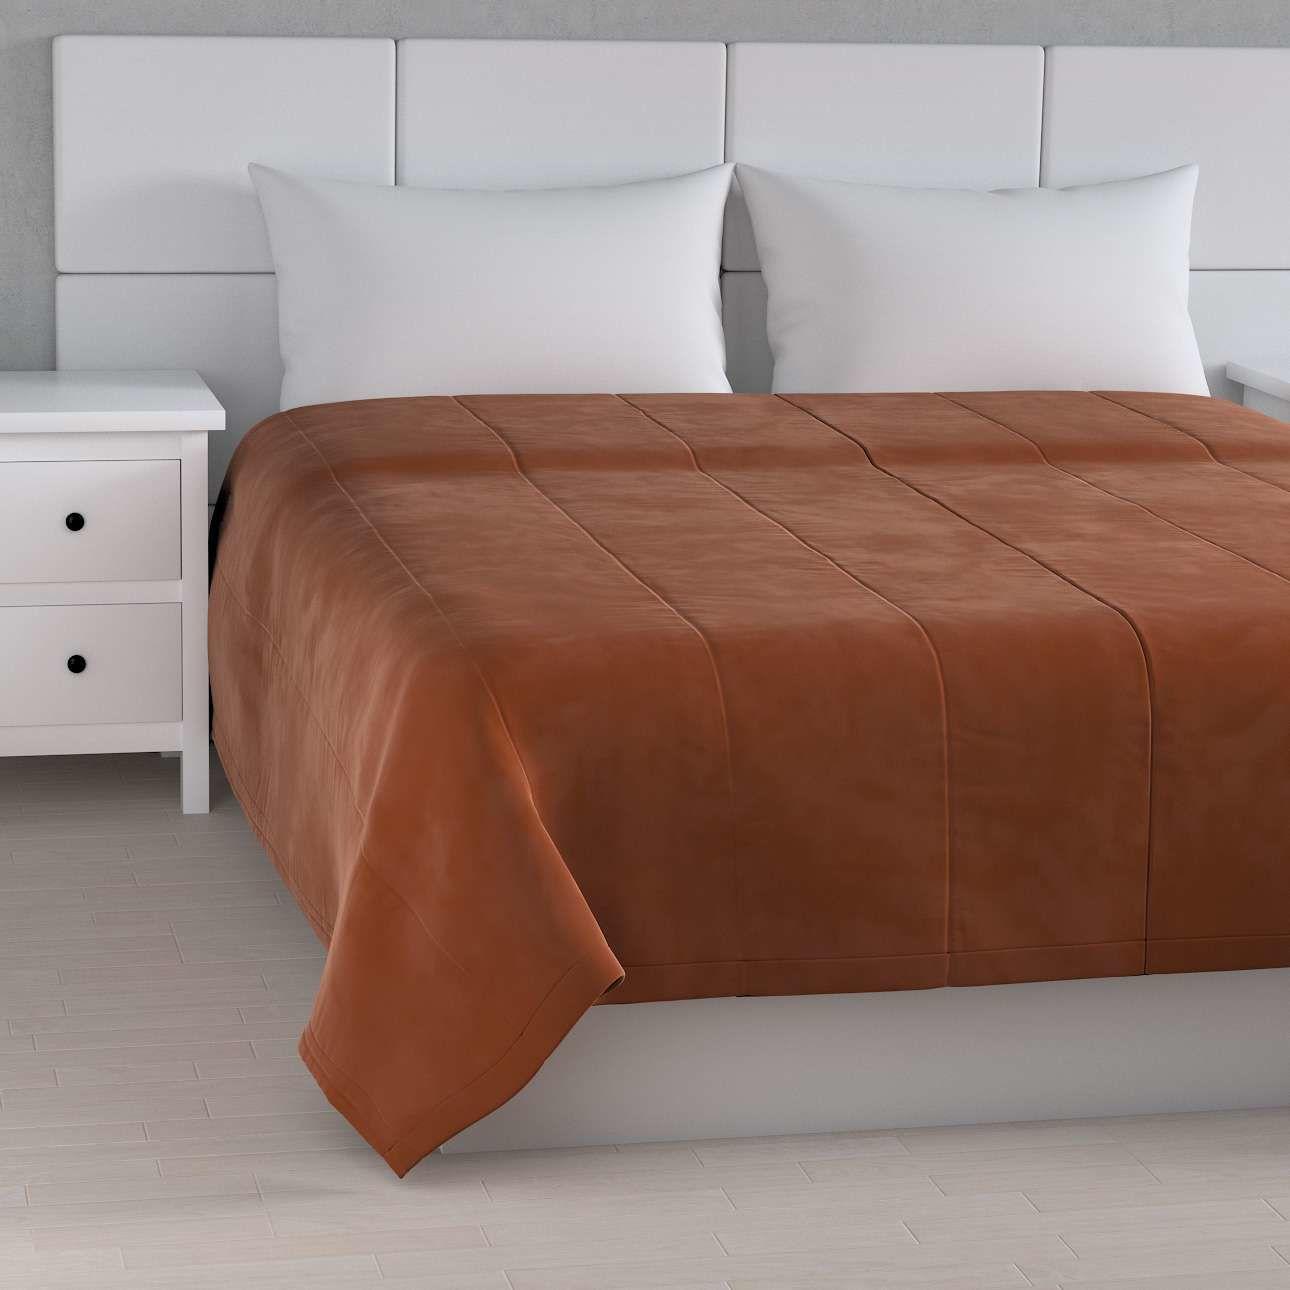 Narzuta pikowana w pasy Velvet 260 x 240 cm, karmelowy, szer.260  dł.240 cm, Velvet